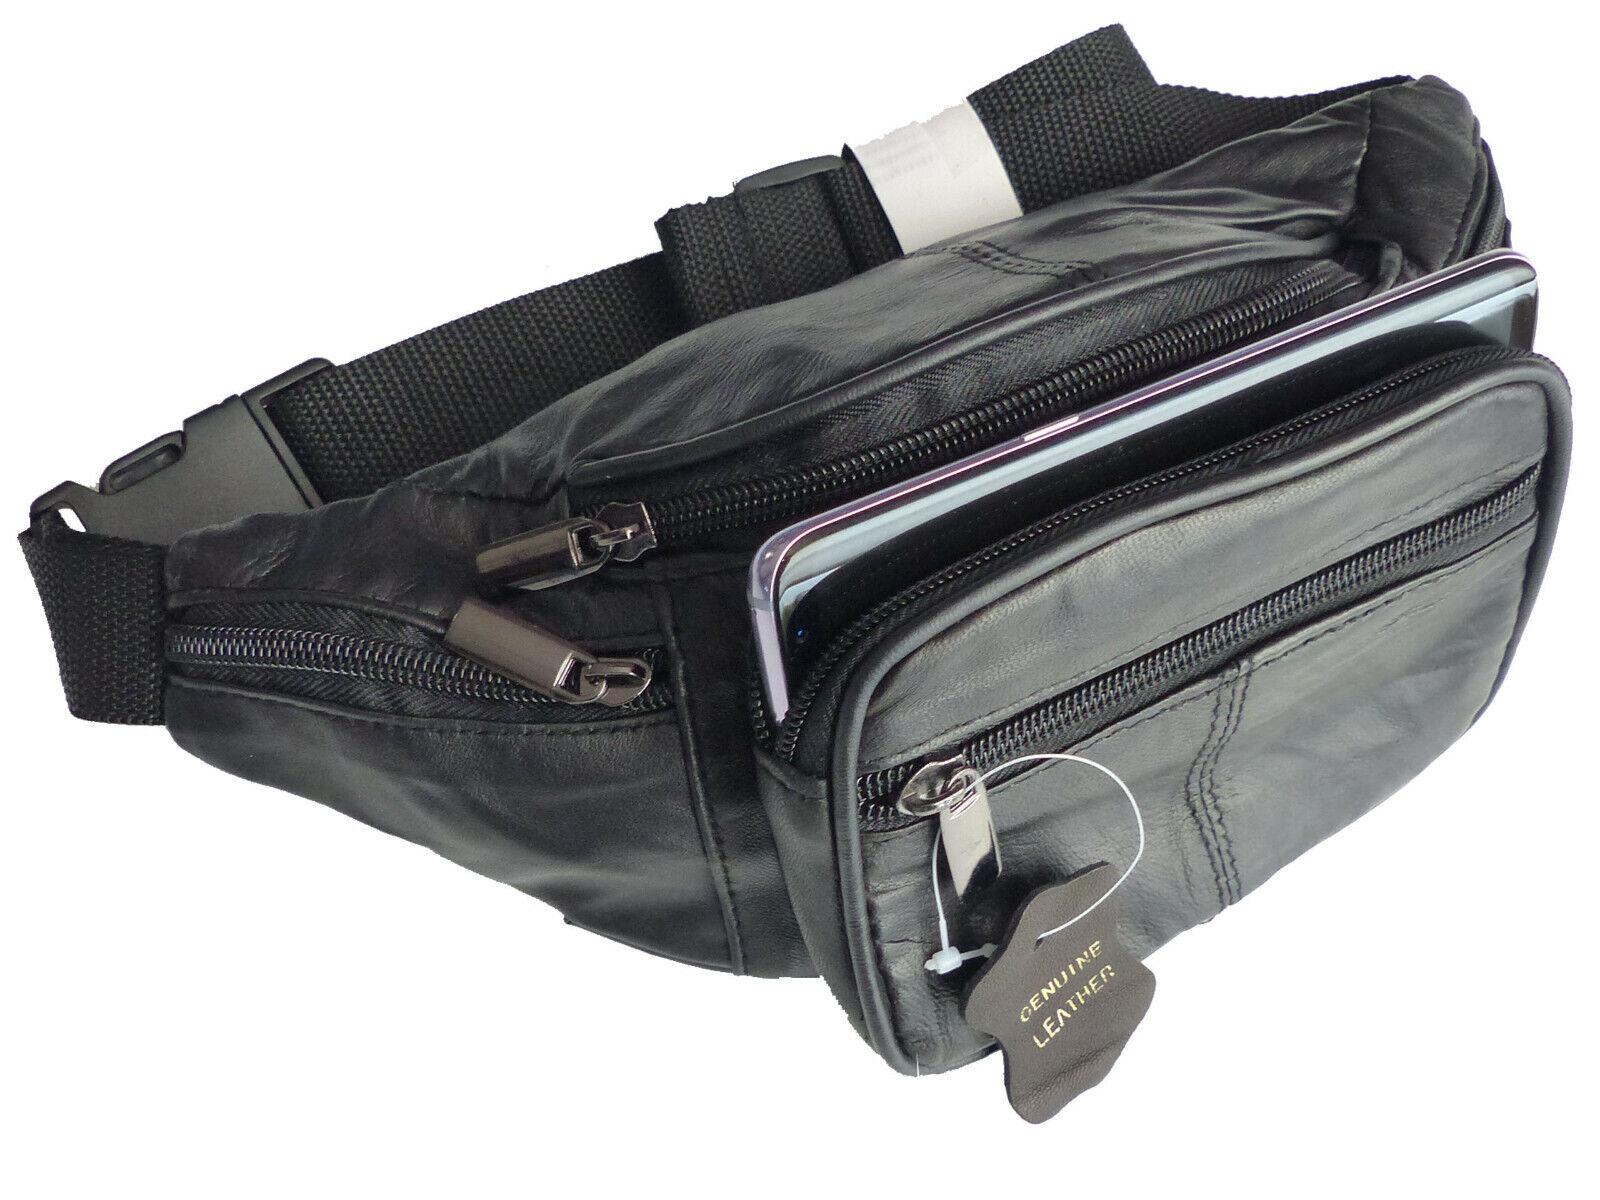 Bauchtasche in Echt Leder mit 6x Rv Fächer Schwarz Umhängetasche LK568 Gürteltas